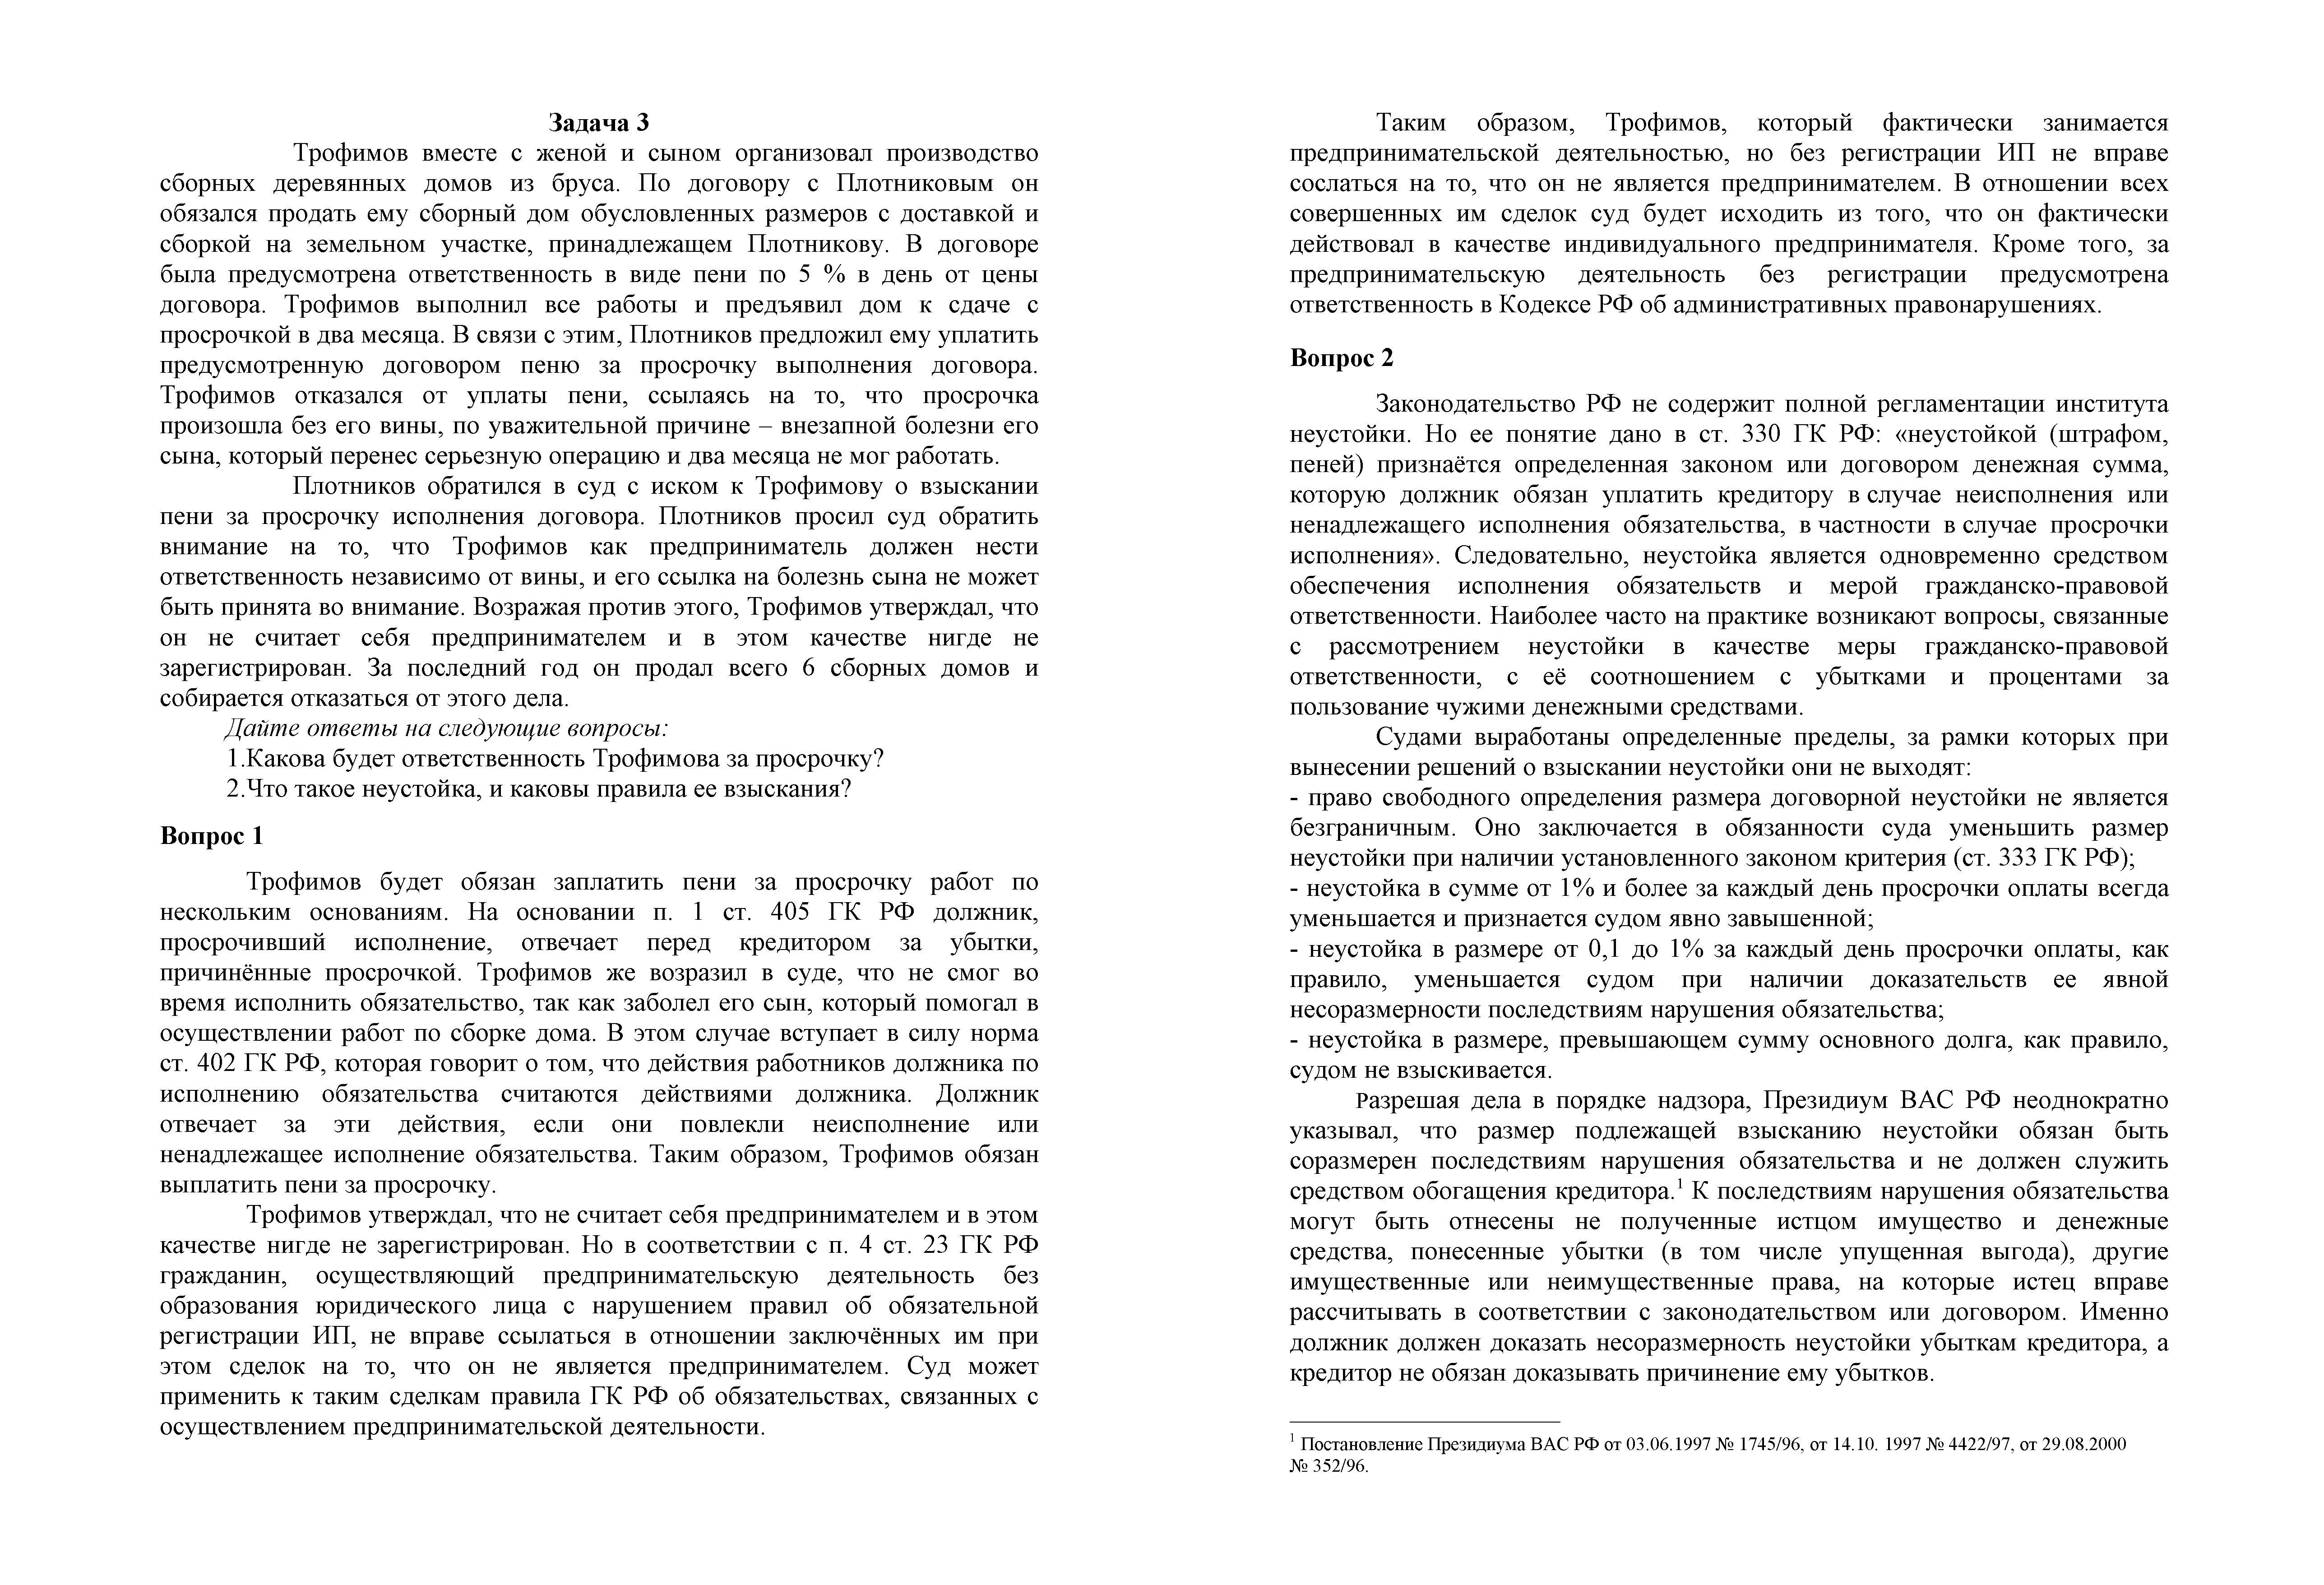 Контрольная работа по Гражданскому праву РФ (выдержка из работы: решение задачи + теория)